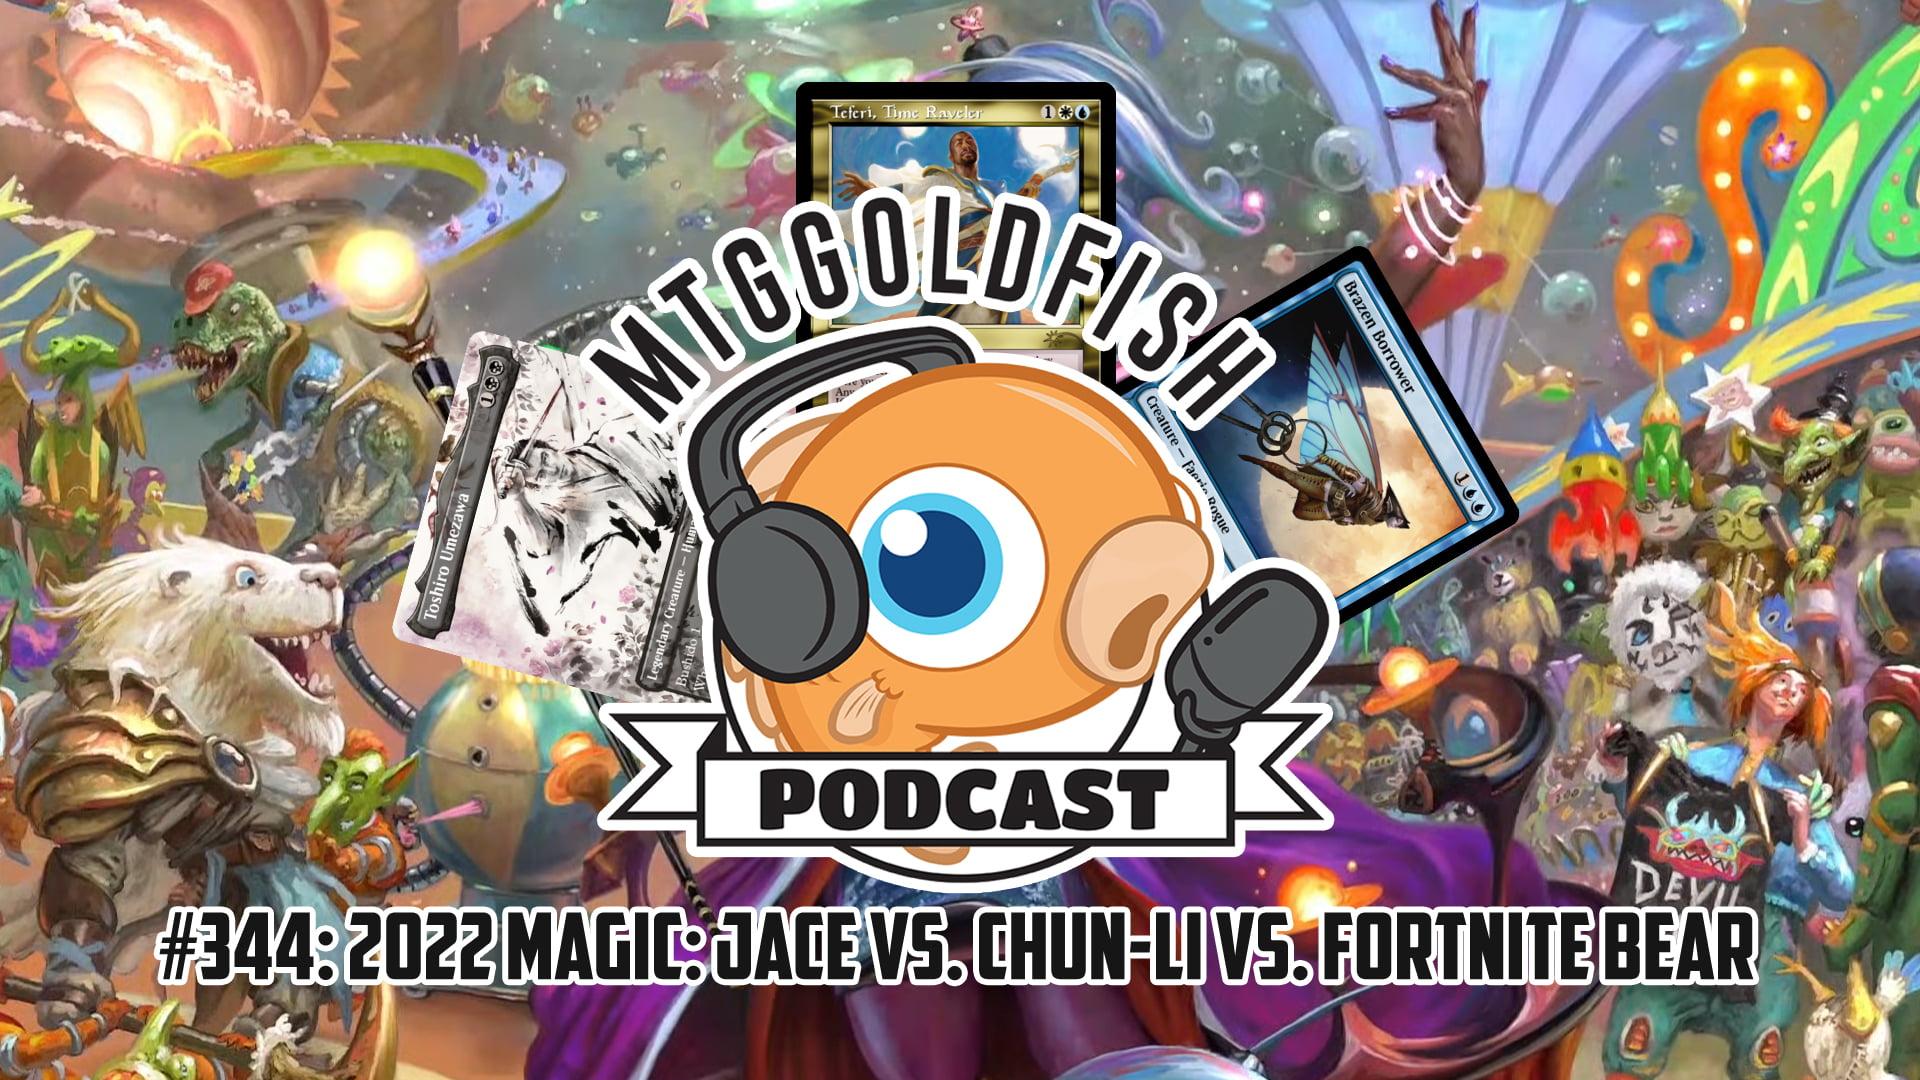 Image for Podcast 344: Magic 2022: Jace vs. Chun-Li vs. Fortnite Bear